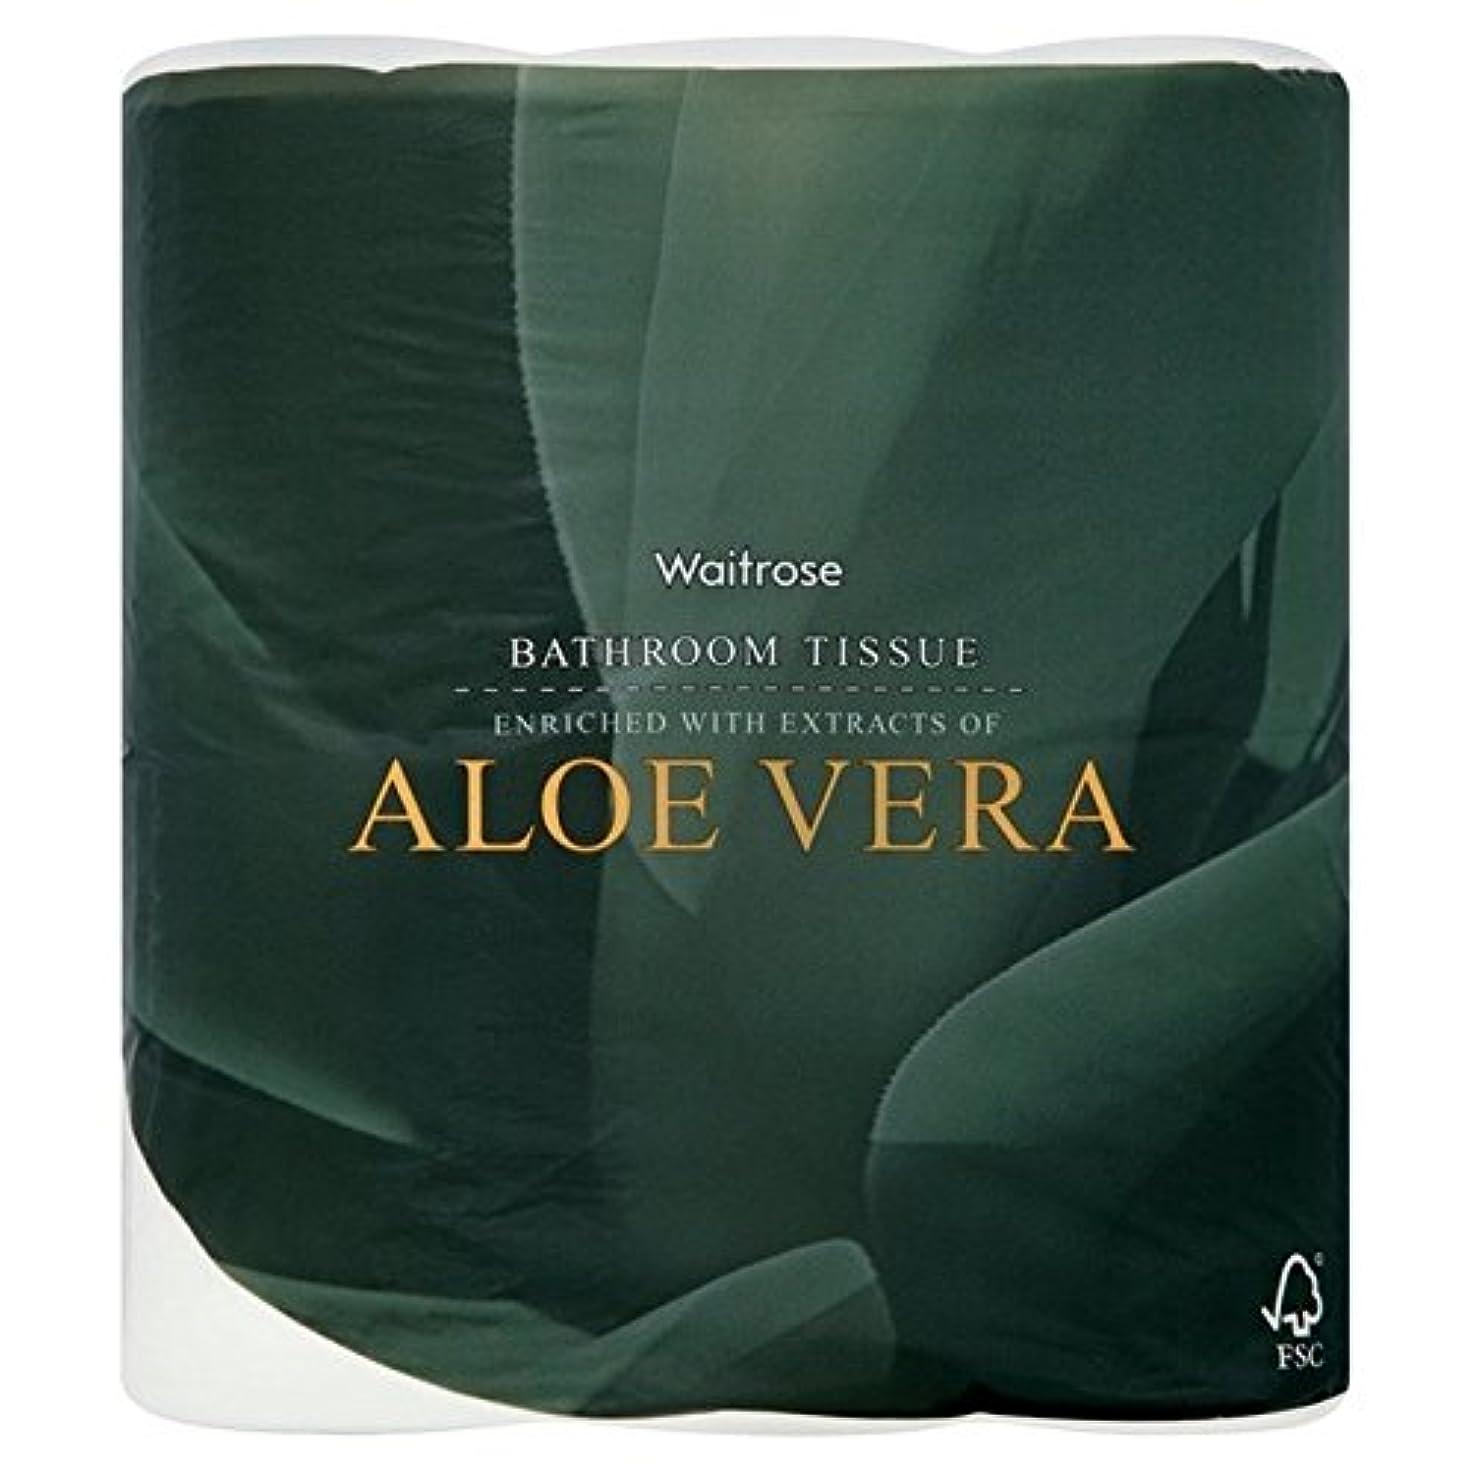 残酷会員残るパックあたりアロエベラ浴室組織白ウェイトローズ4 x4 - Aloe Vera Bathroom Tissue White Waitrose 4 per pack (Pack of 4) [並行輸入品]